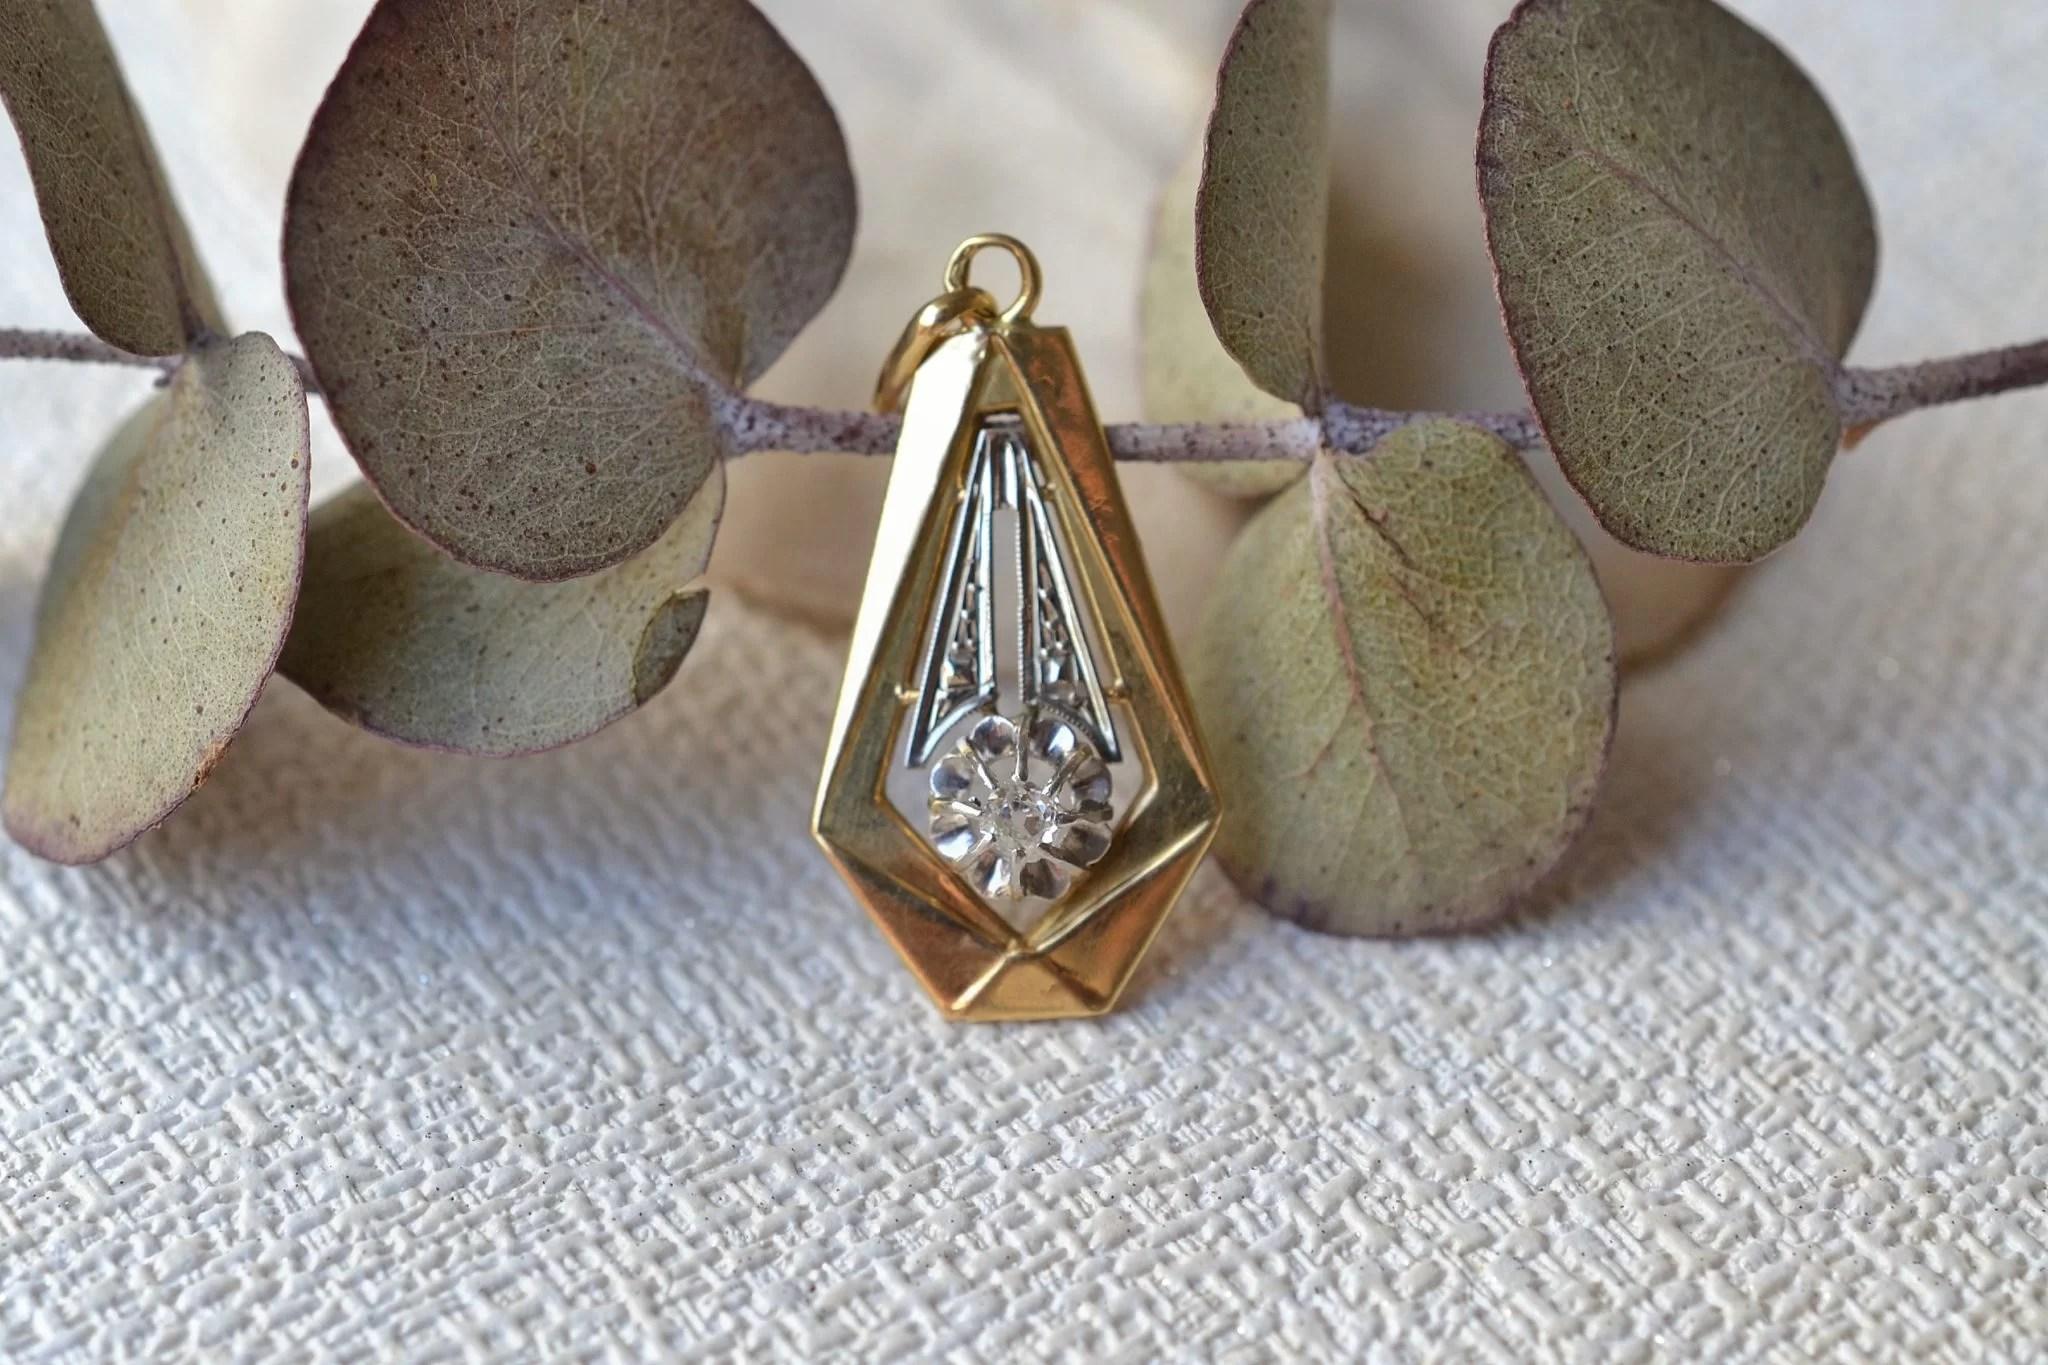 Pendentif en Or deux tons orné d_un petit diamant taille ancienne - bijou Vintage